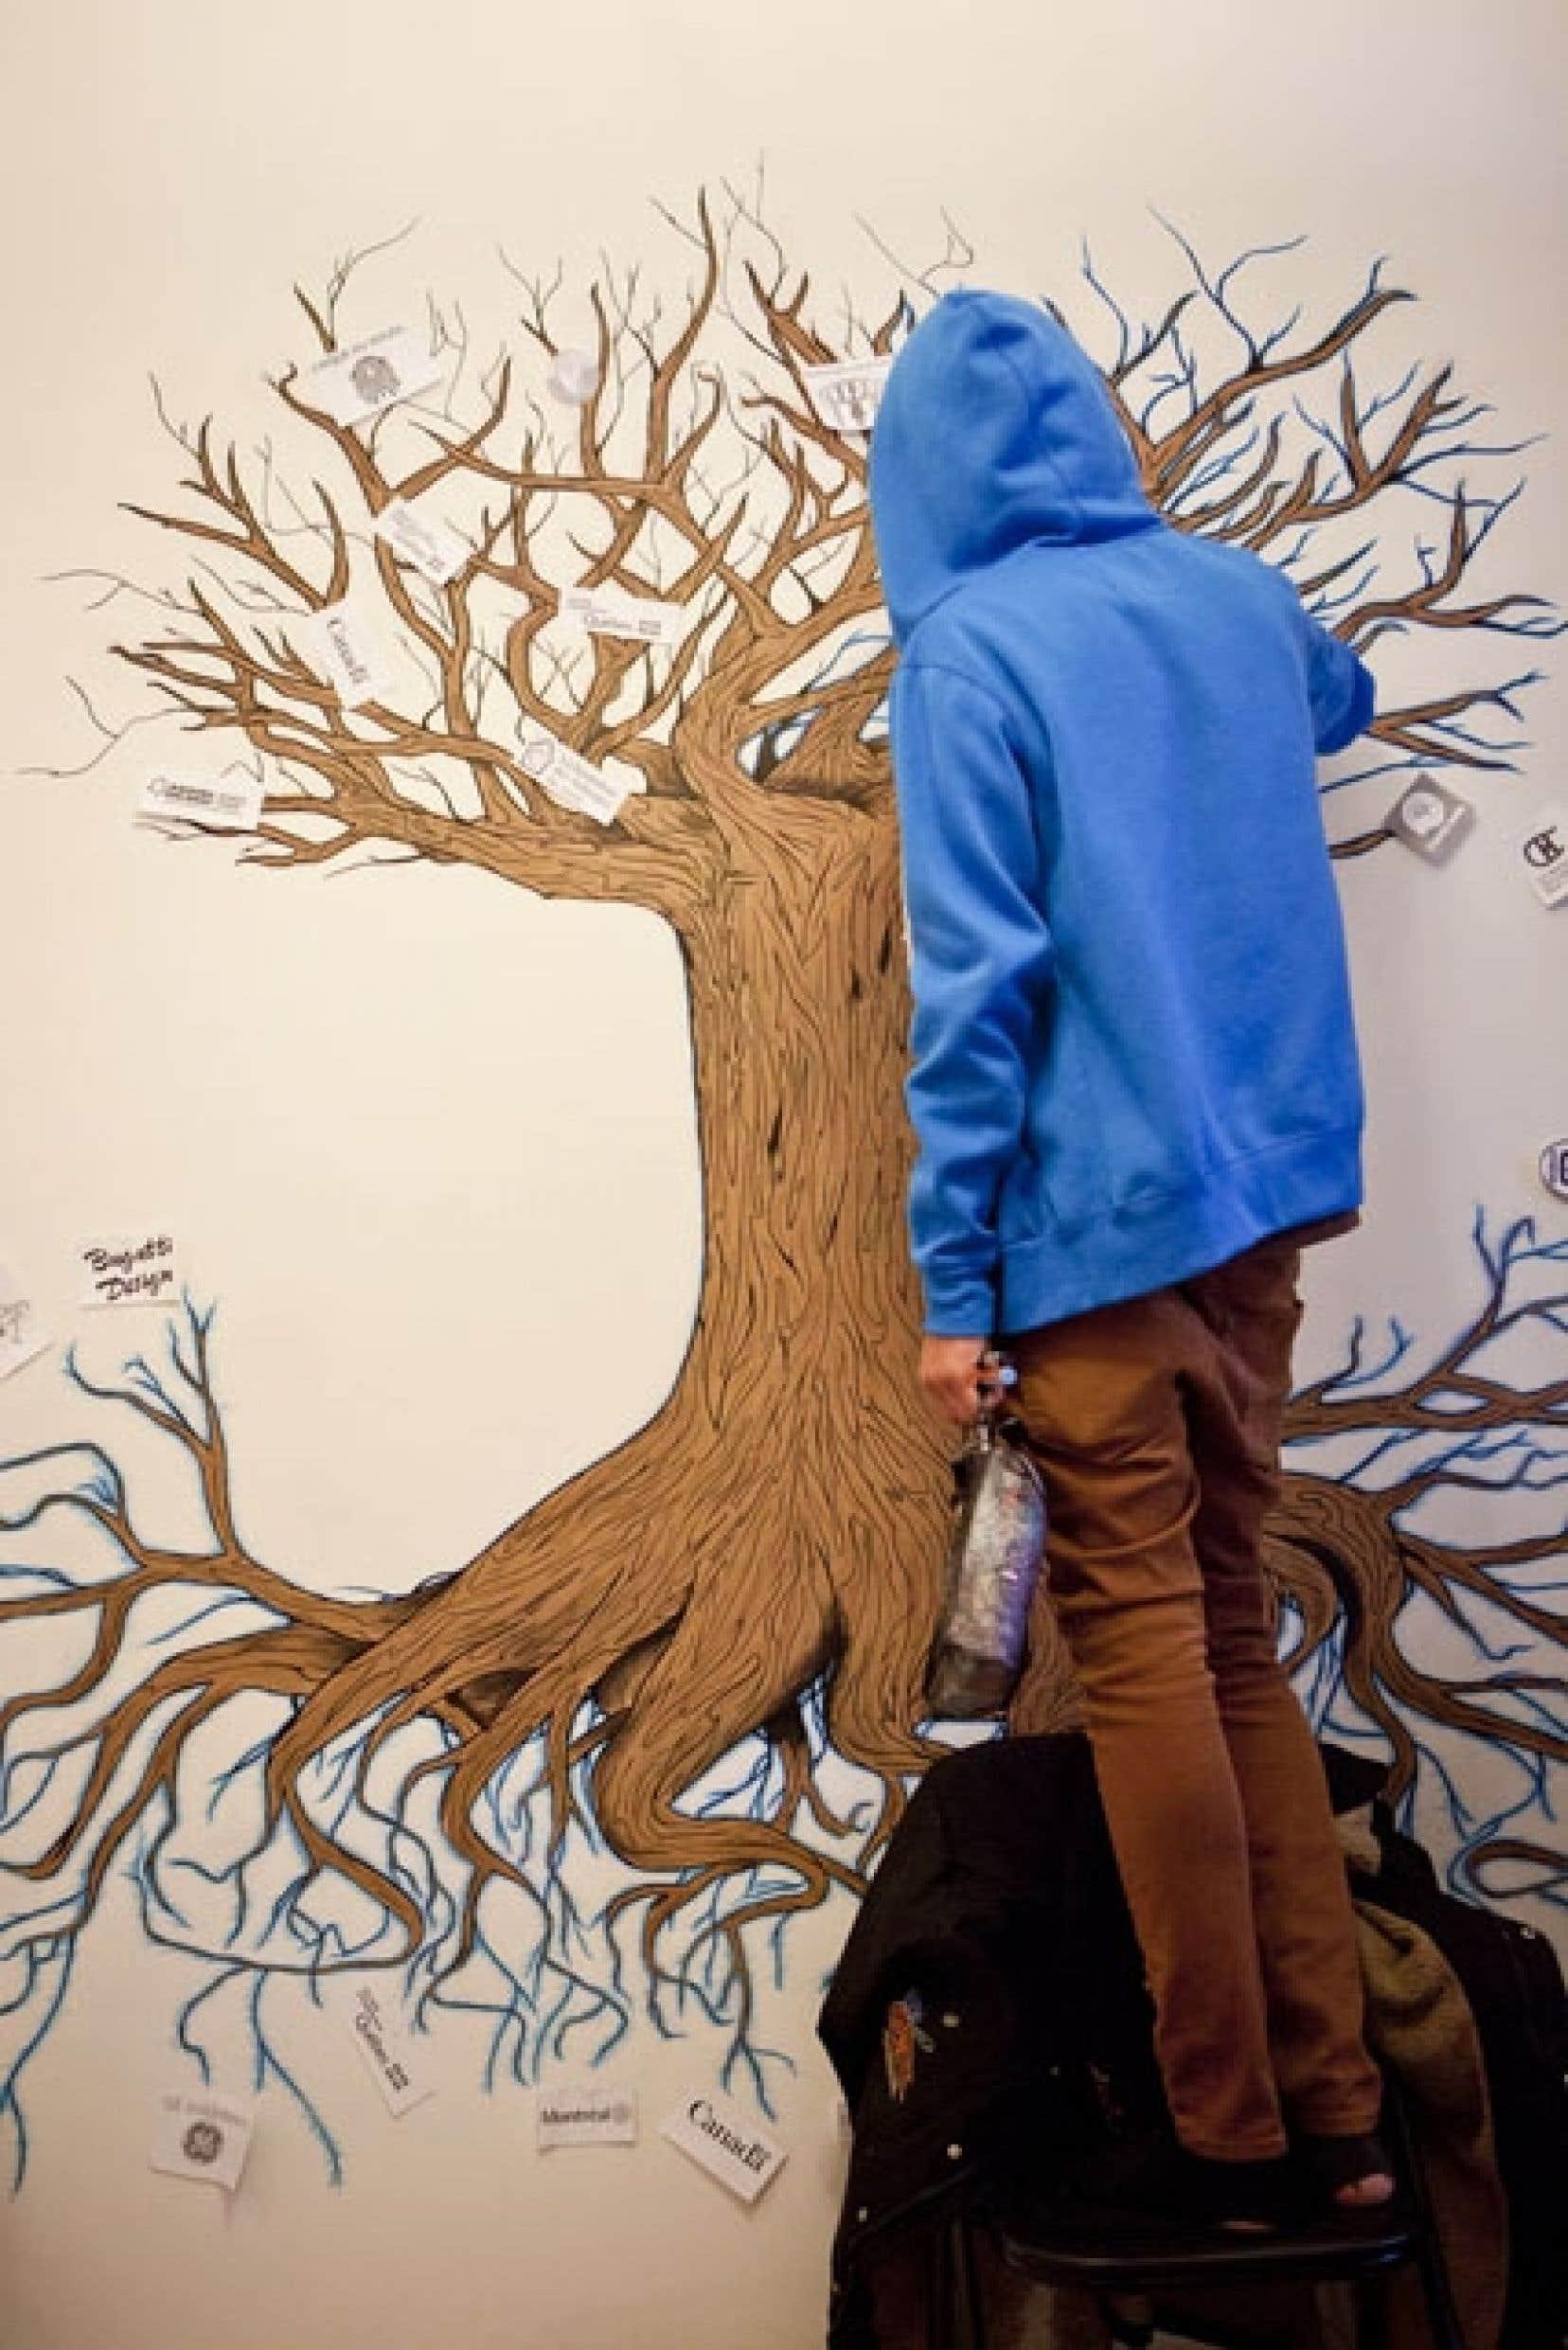 Dans l'entrée d'En Marge, Mathieu a peint un arbre dont les racines sont presque aussi larges que les branches. Un dessin évocateur pour un jeune déraciné.